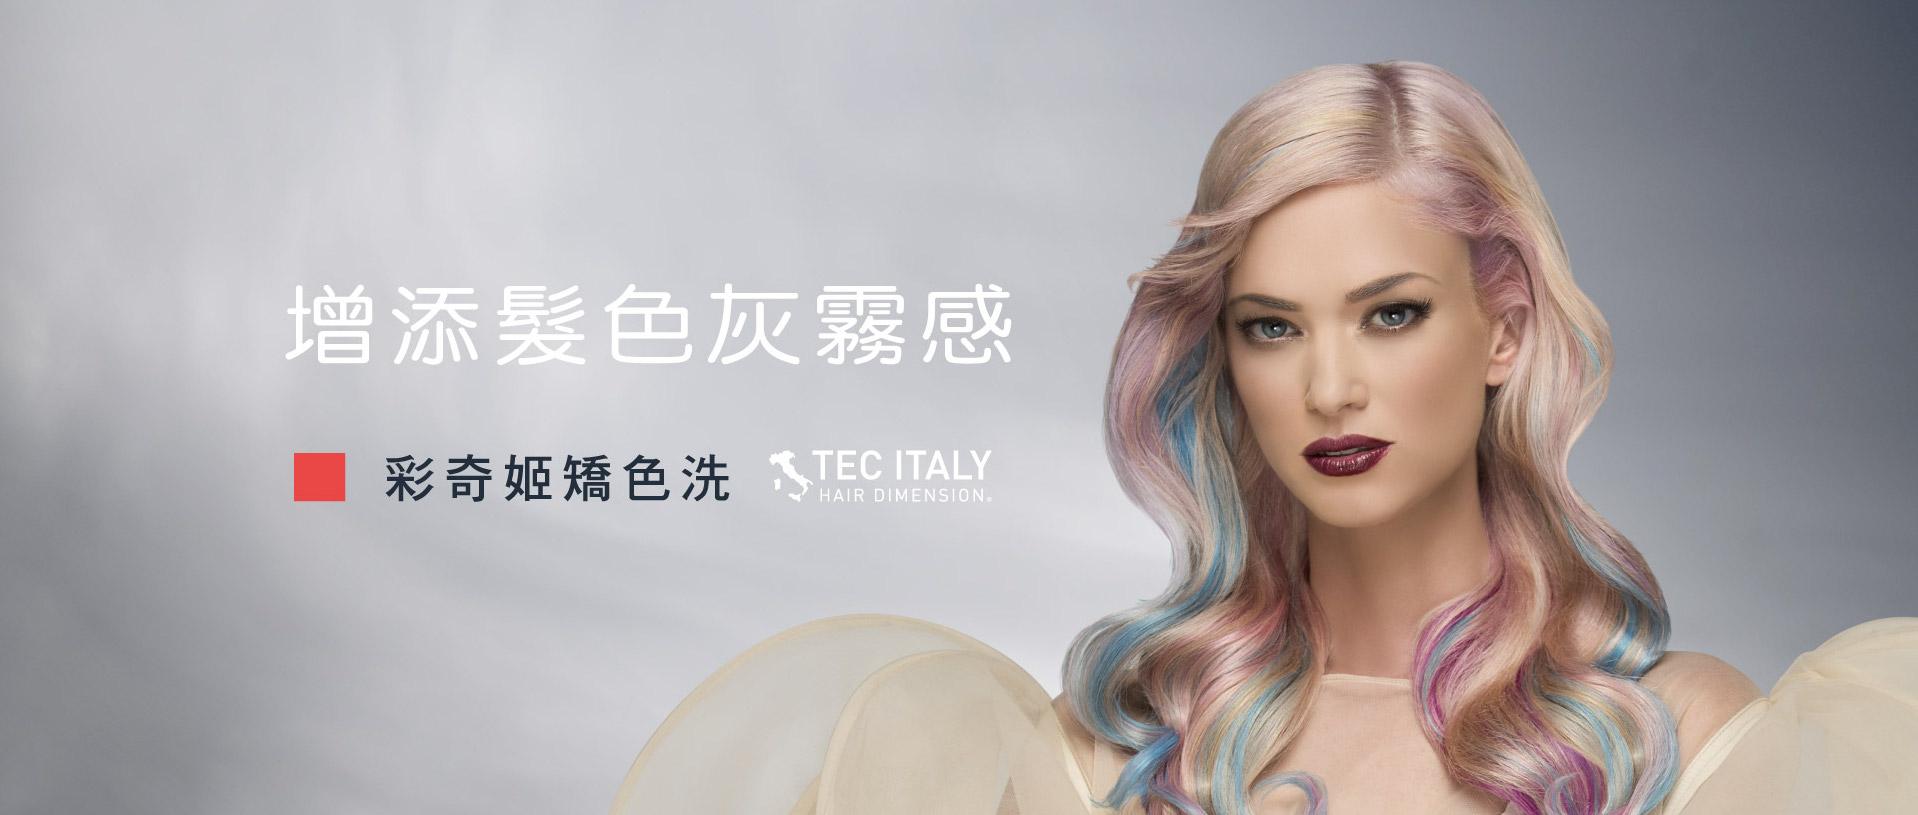 官網slider-絢彩髮色的專家